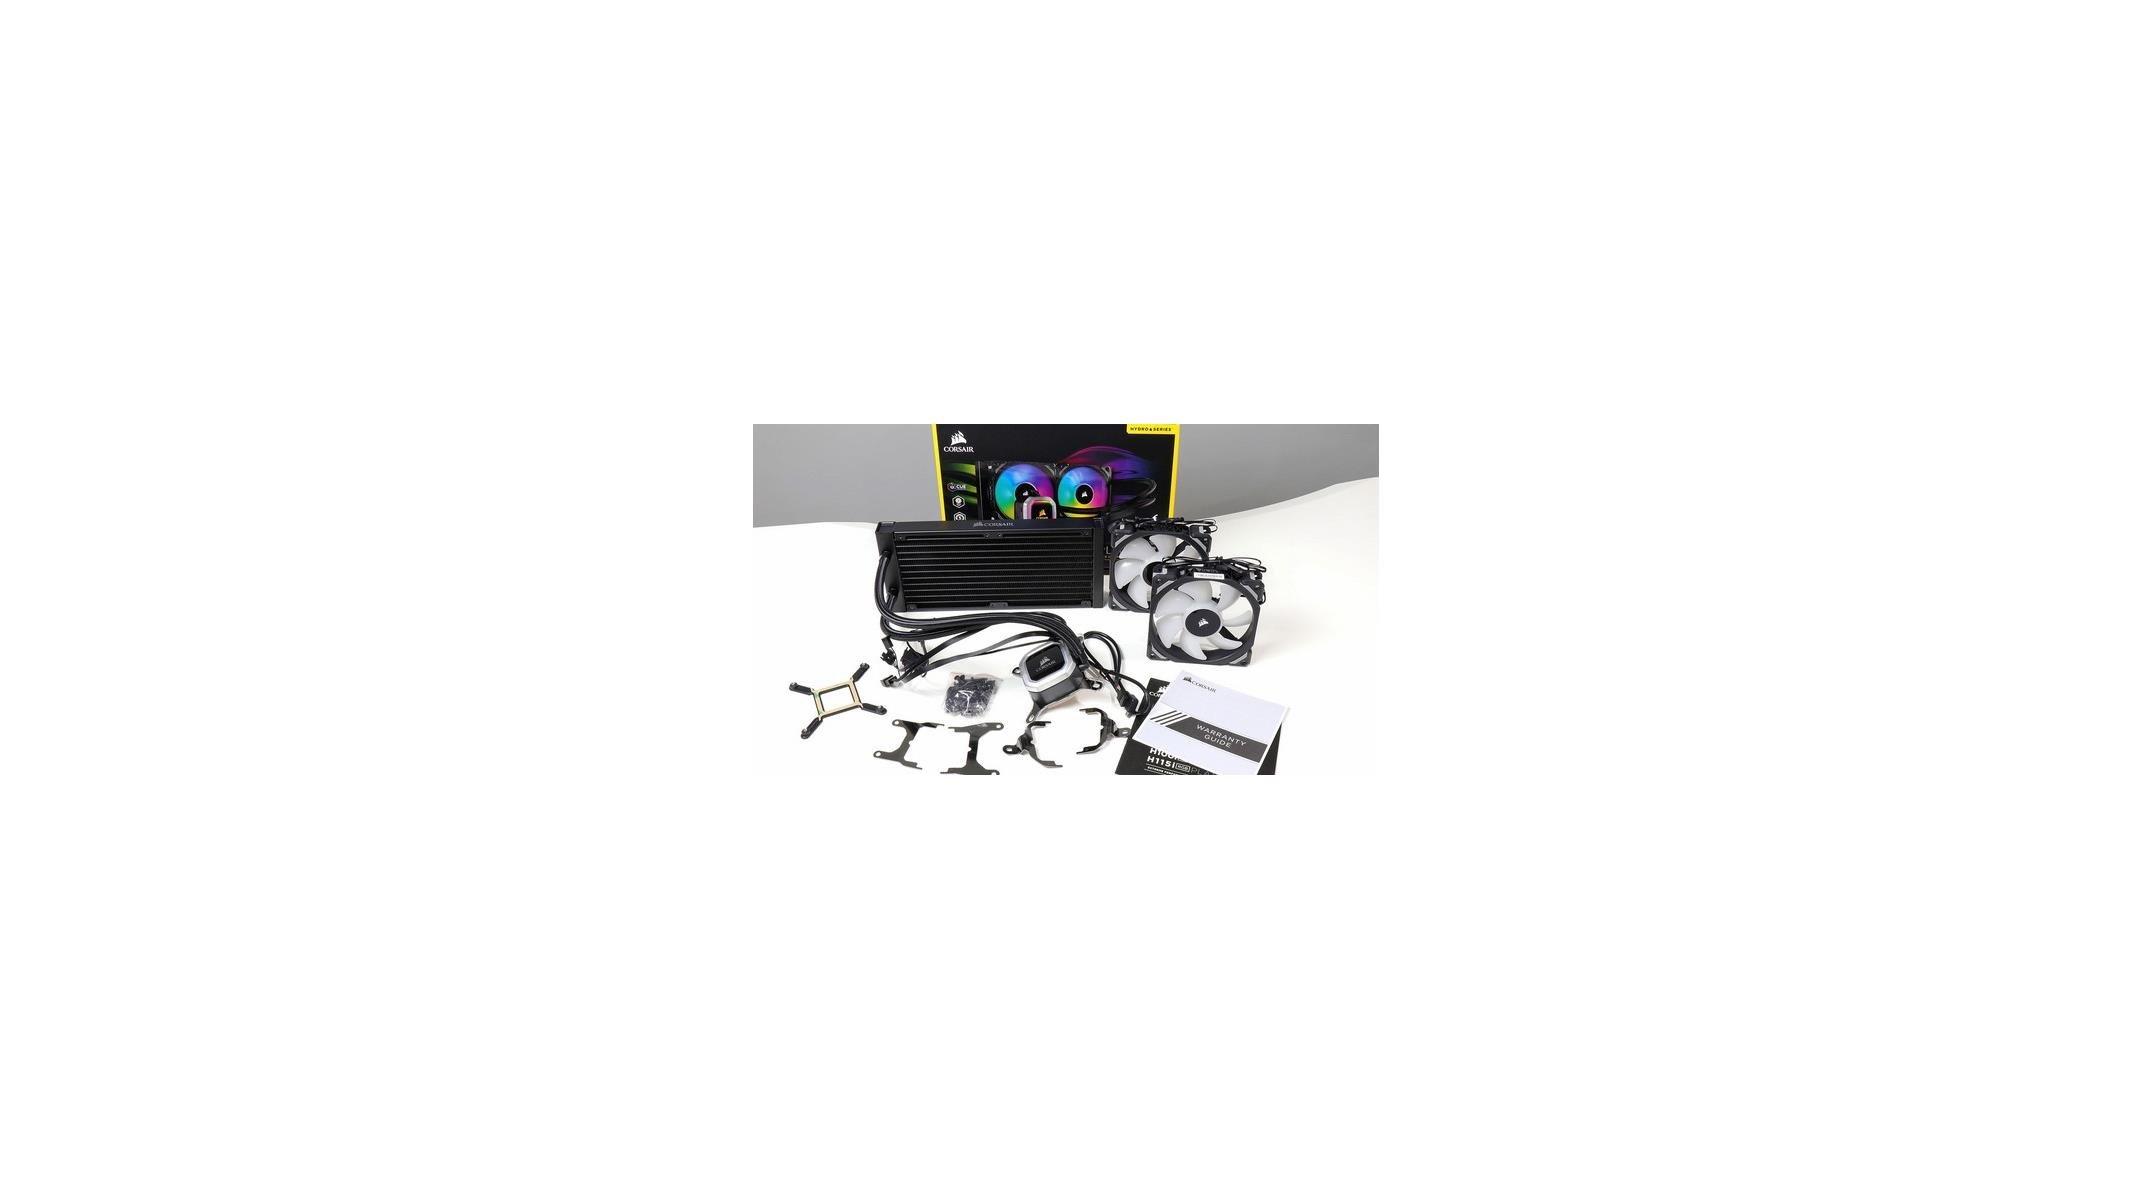 Corsair Launches H100i And H115i RGB Platinum Liquid CPU Coolers, We